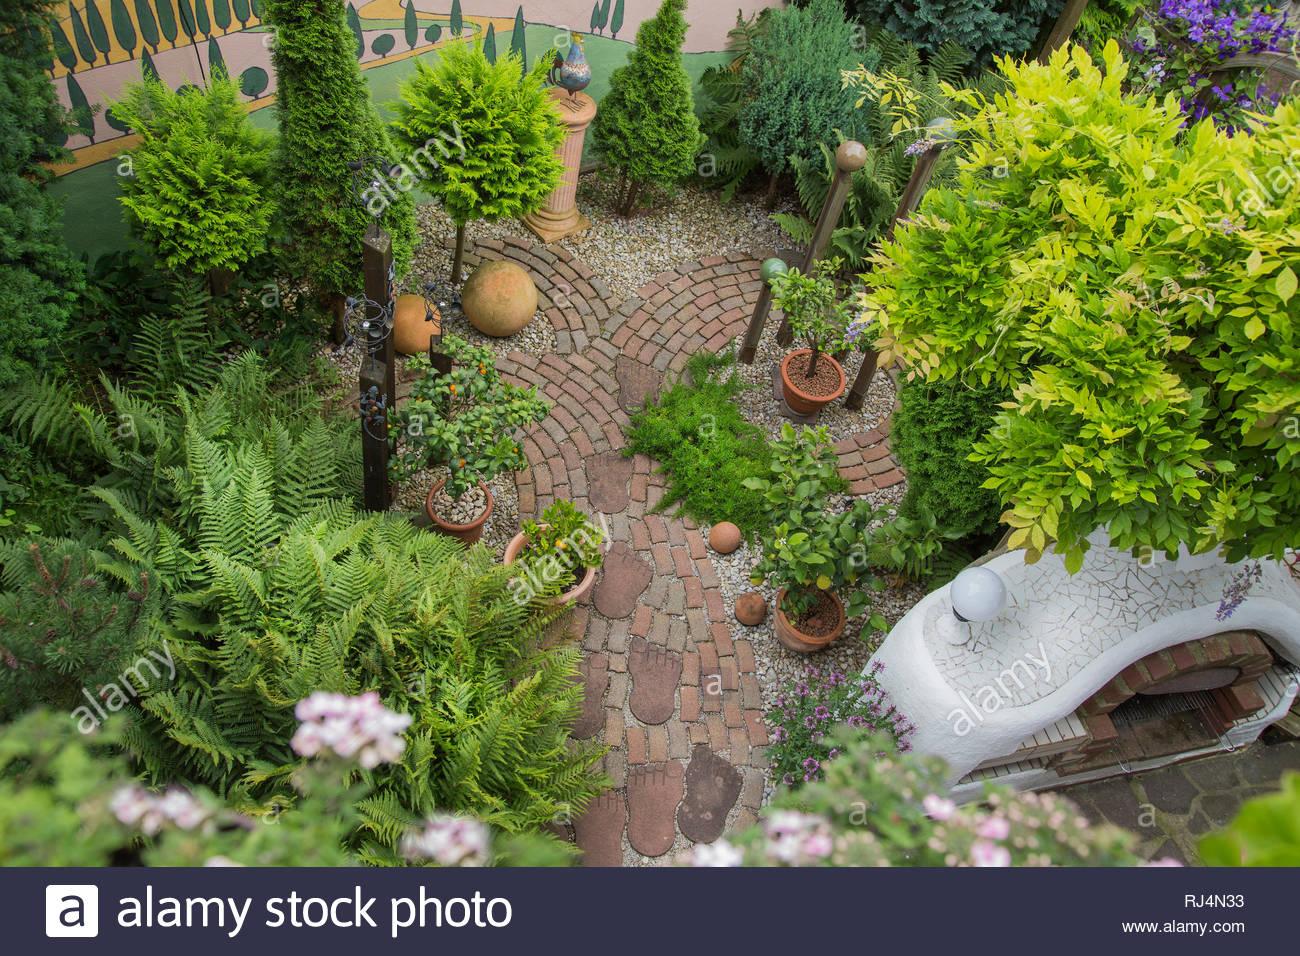 Gartenweg mit Rundungen, Grillkamin, bemalte Toskanalandschaft an Wand, Farne, Thujen, Dekoartikel, Pflaster, Fußabdrücke, von oben - Stock Image